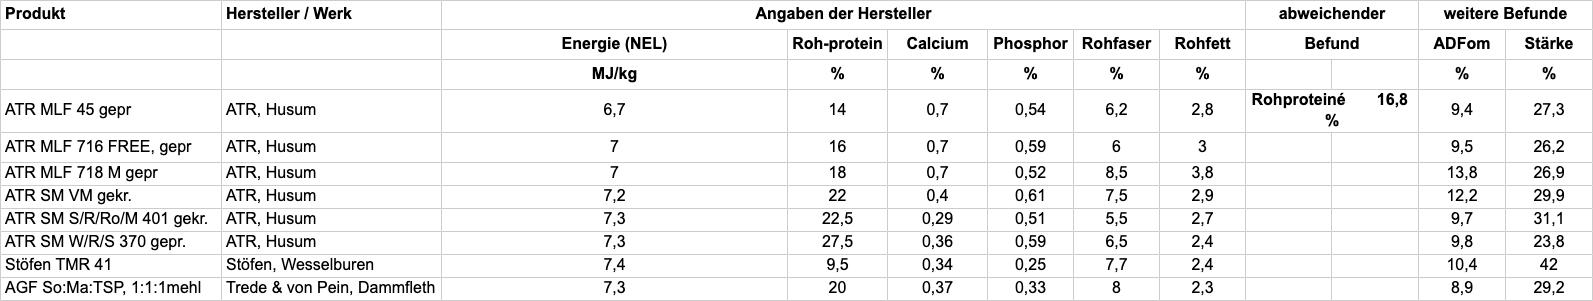 Tabelle A: Prüfung der Inhaltsstoffe und Einhaltung der Deklaration; TAB83-2020